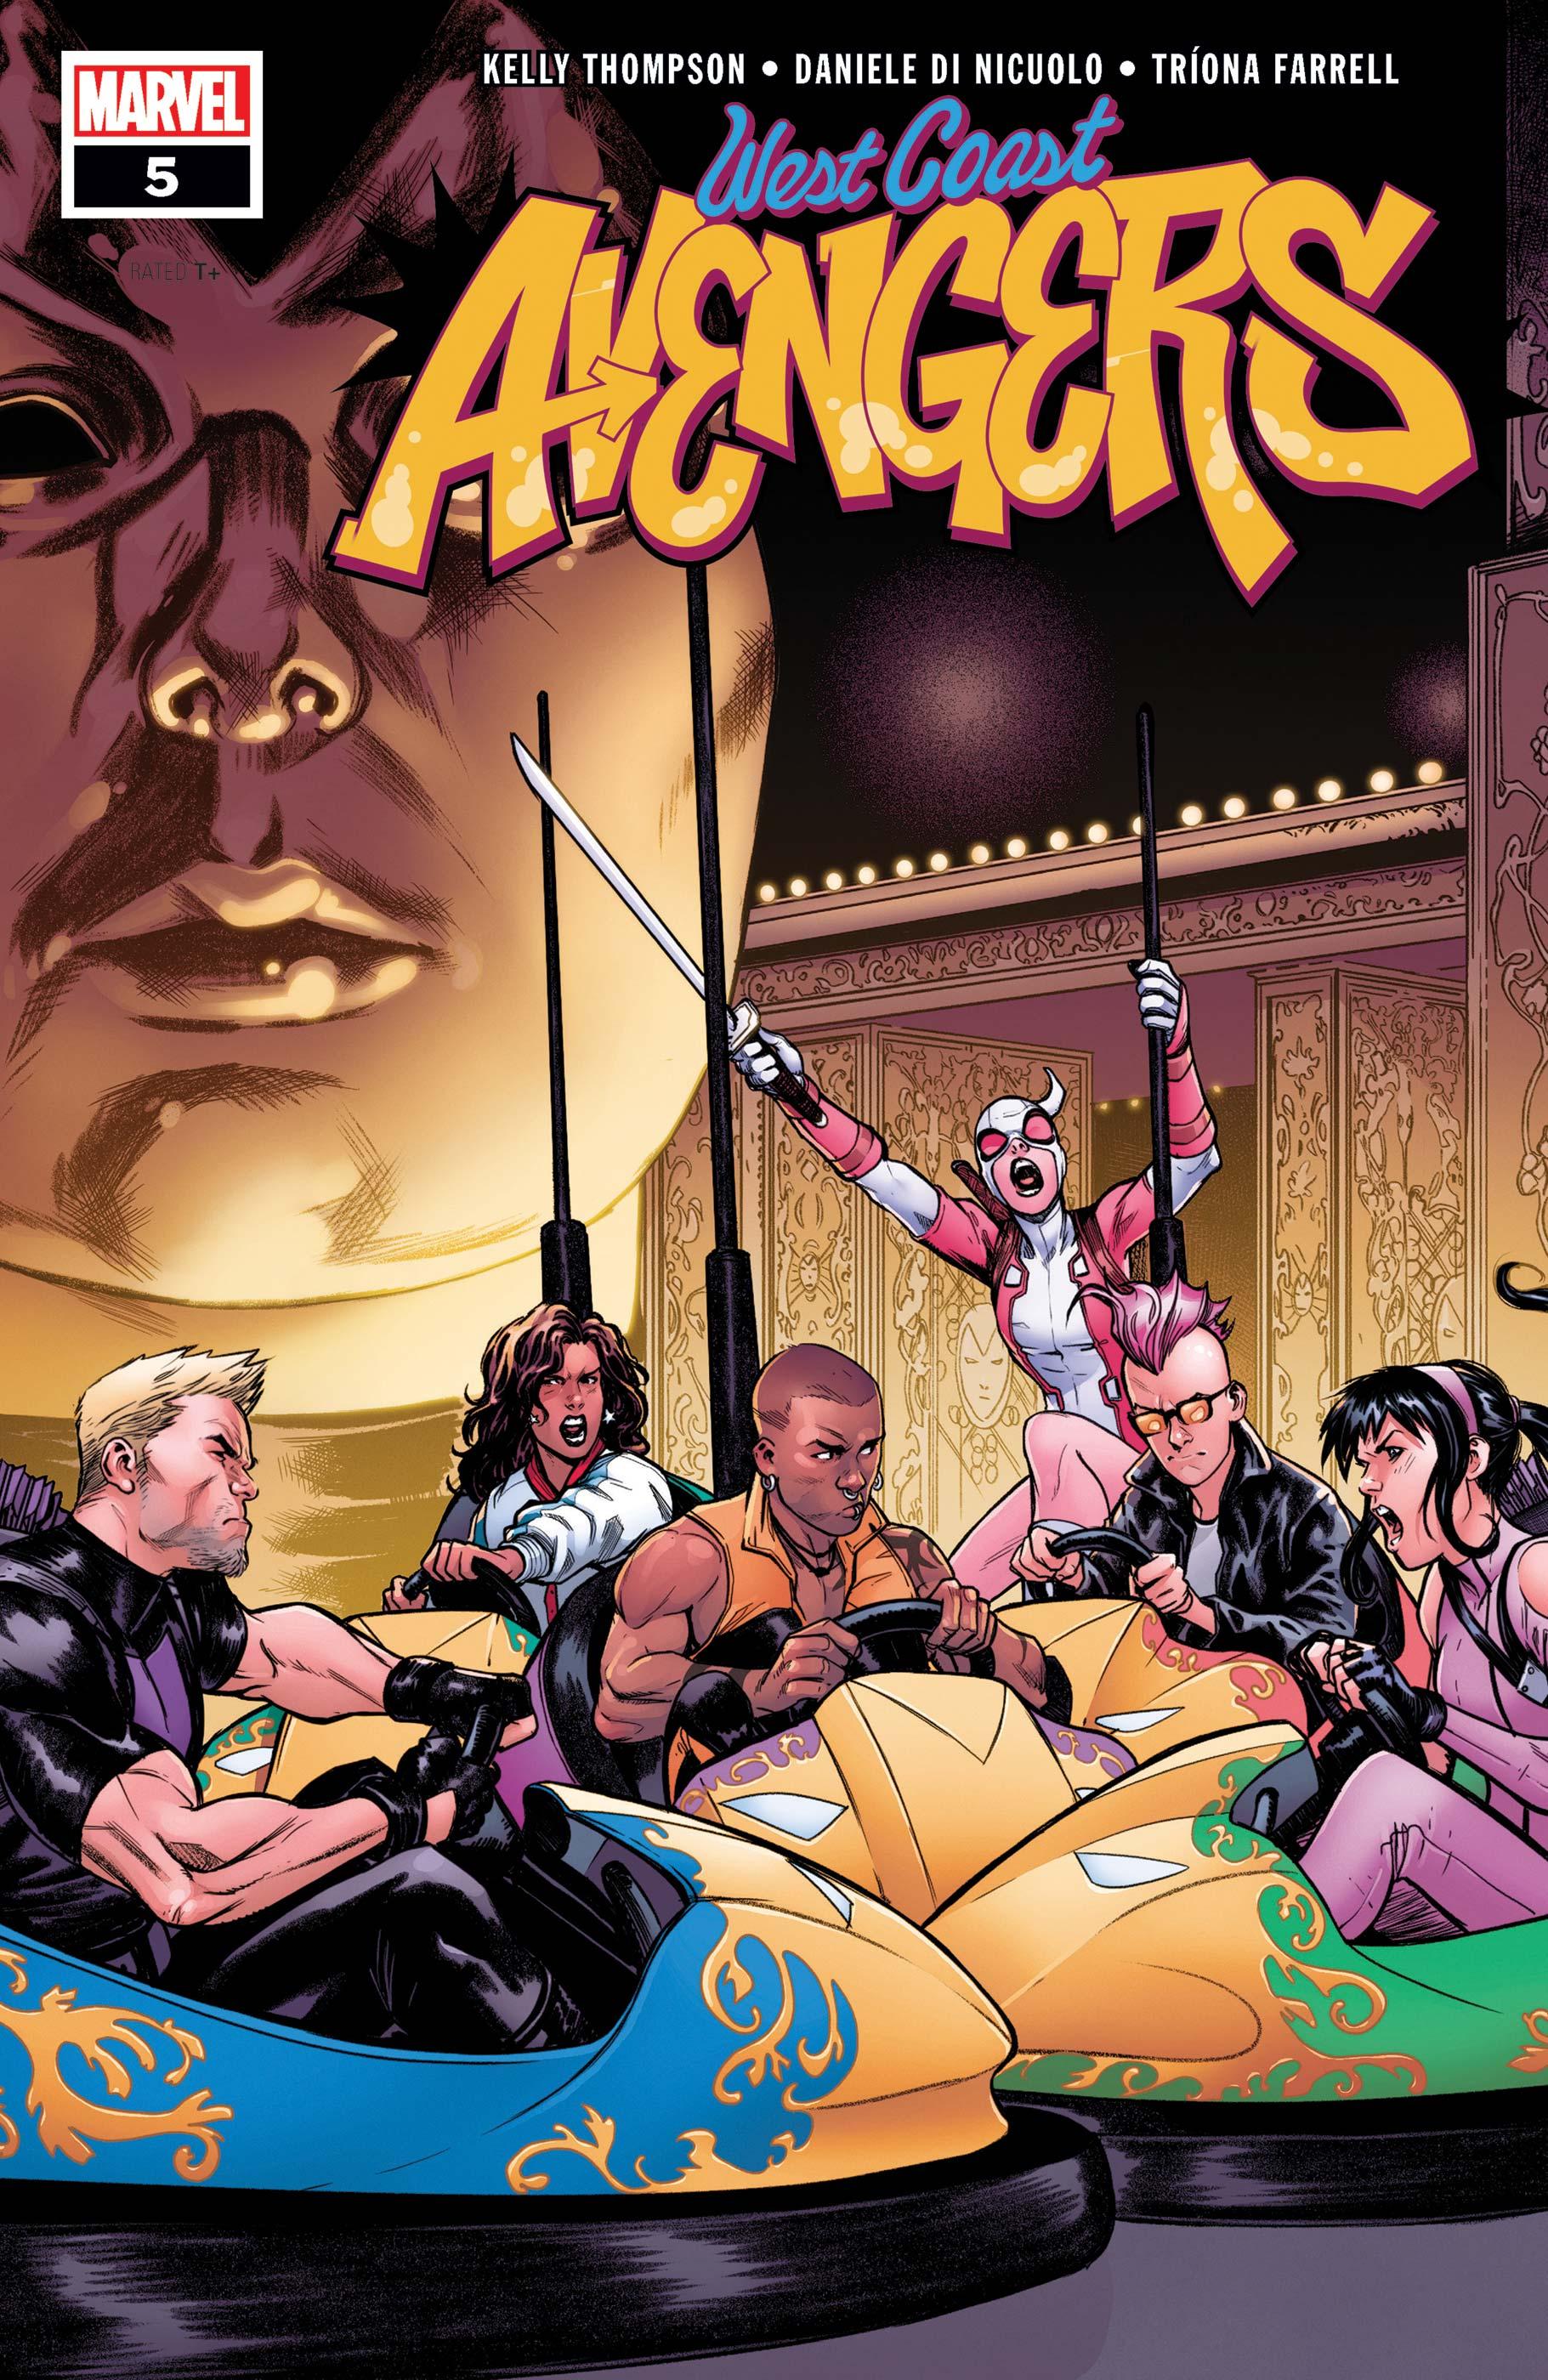 West Coast Avengers (2018) #5